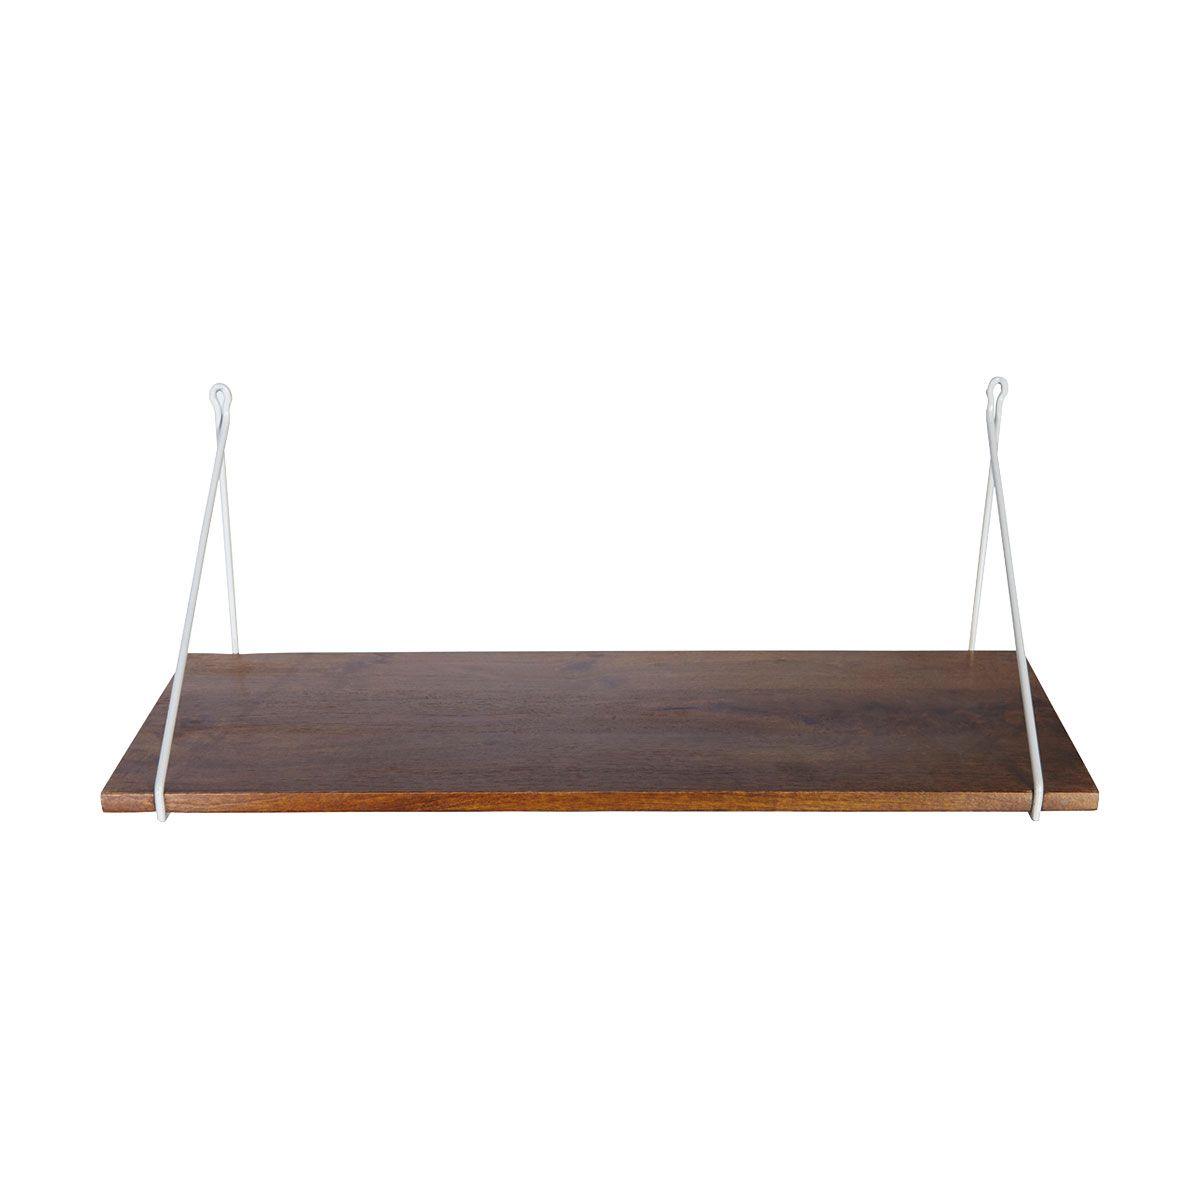 Stoere wandplank van het merk house doctor. de plank is gemaakt van ...